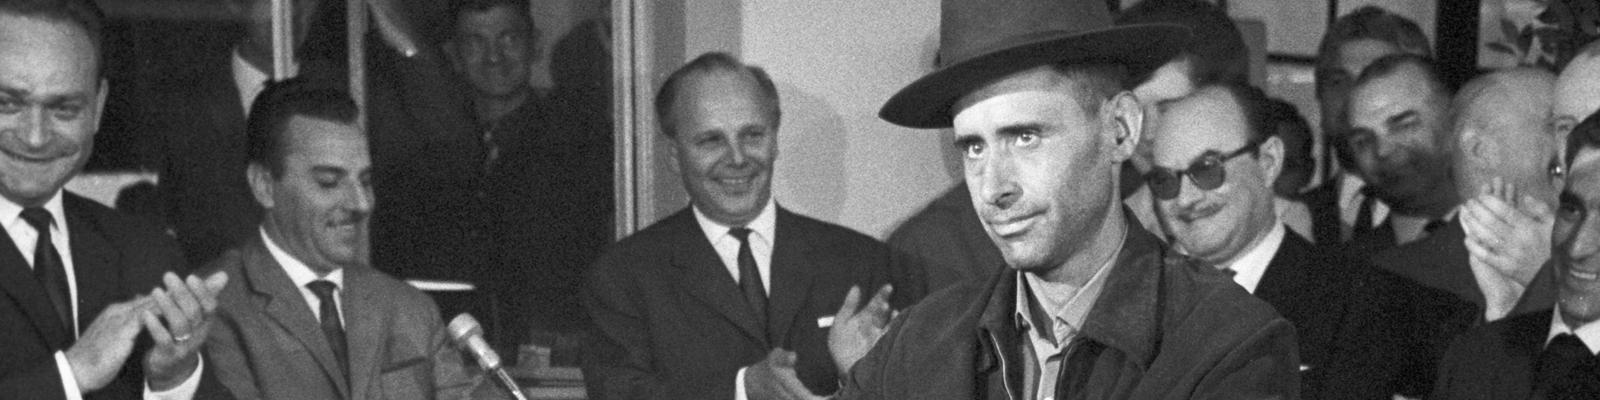 Armando Rodrigues ist der millionste Gastarbeiter der am 10.09.1964 in Köln begrüßt wurde.